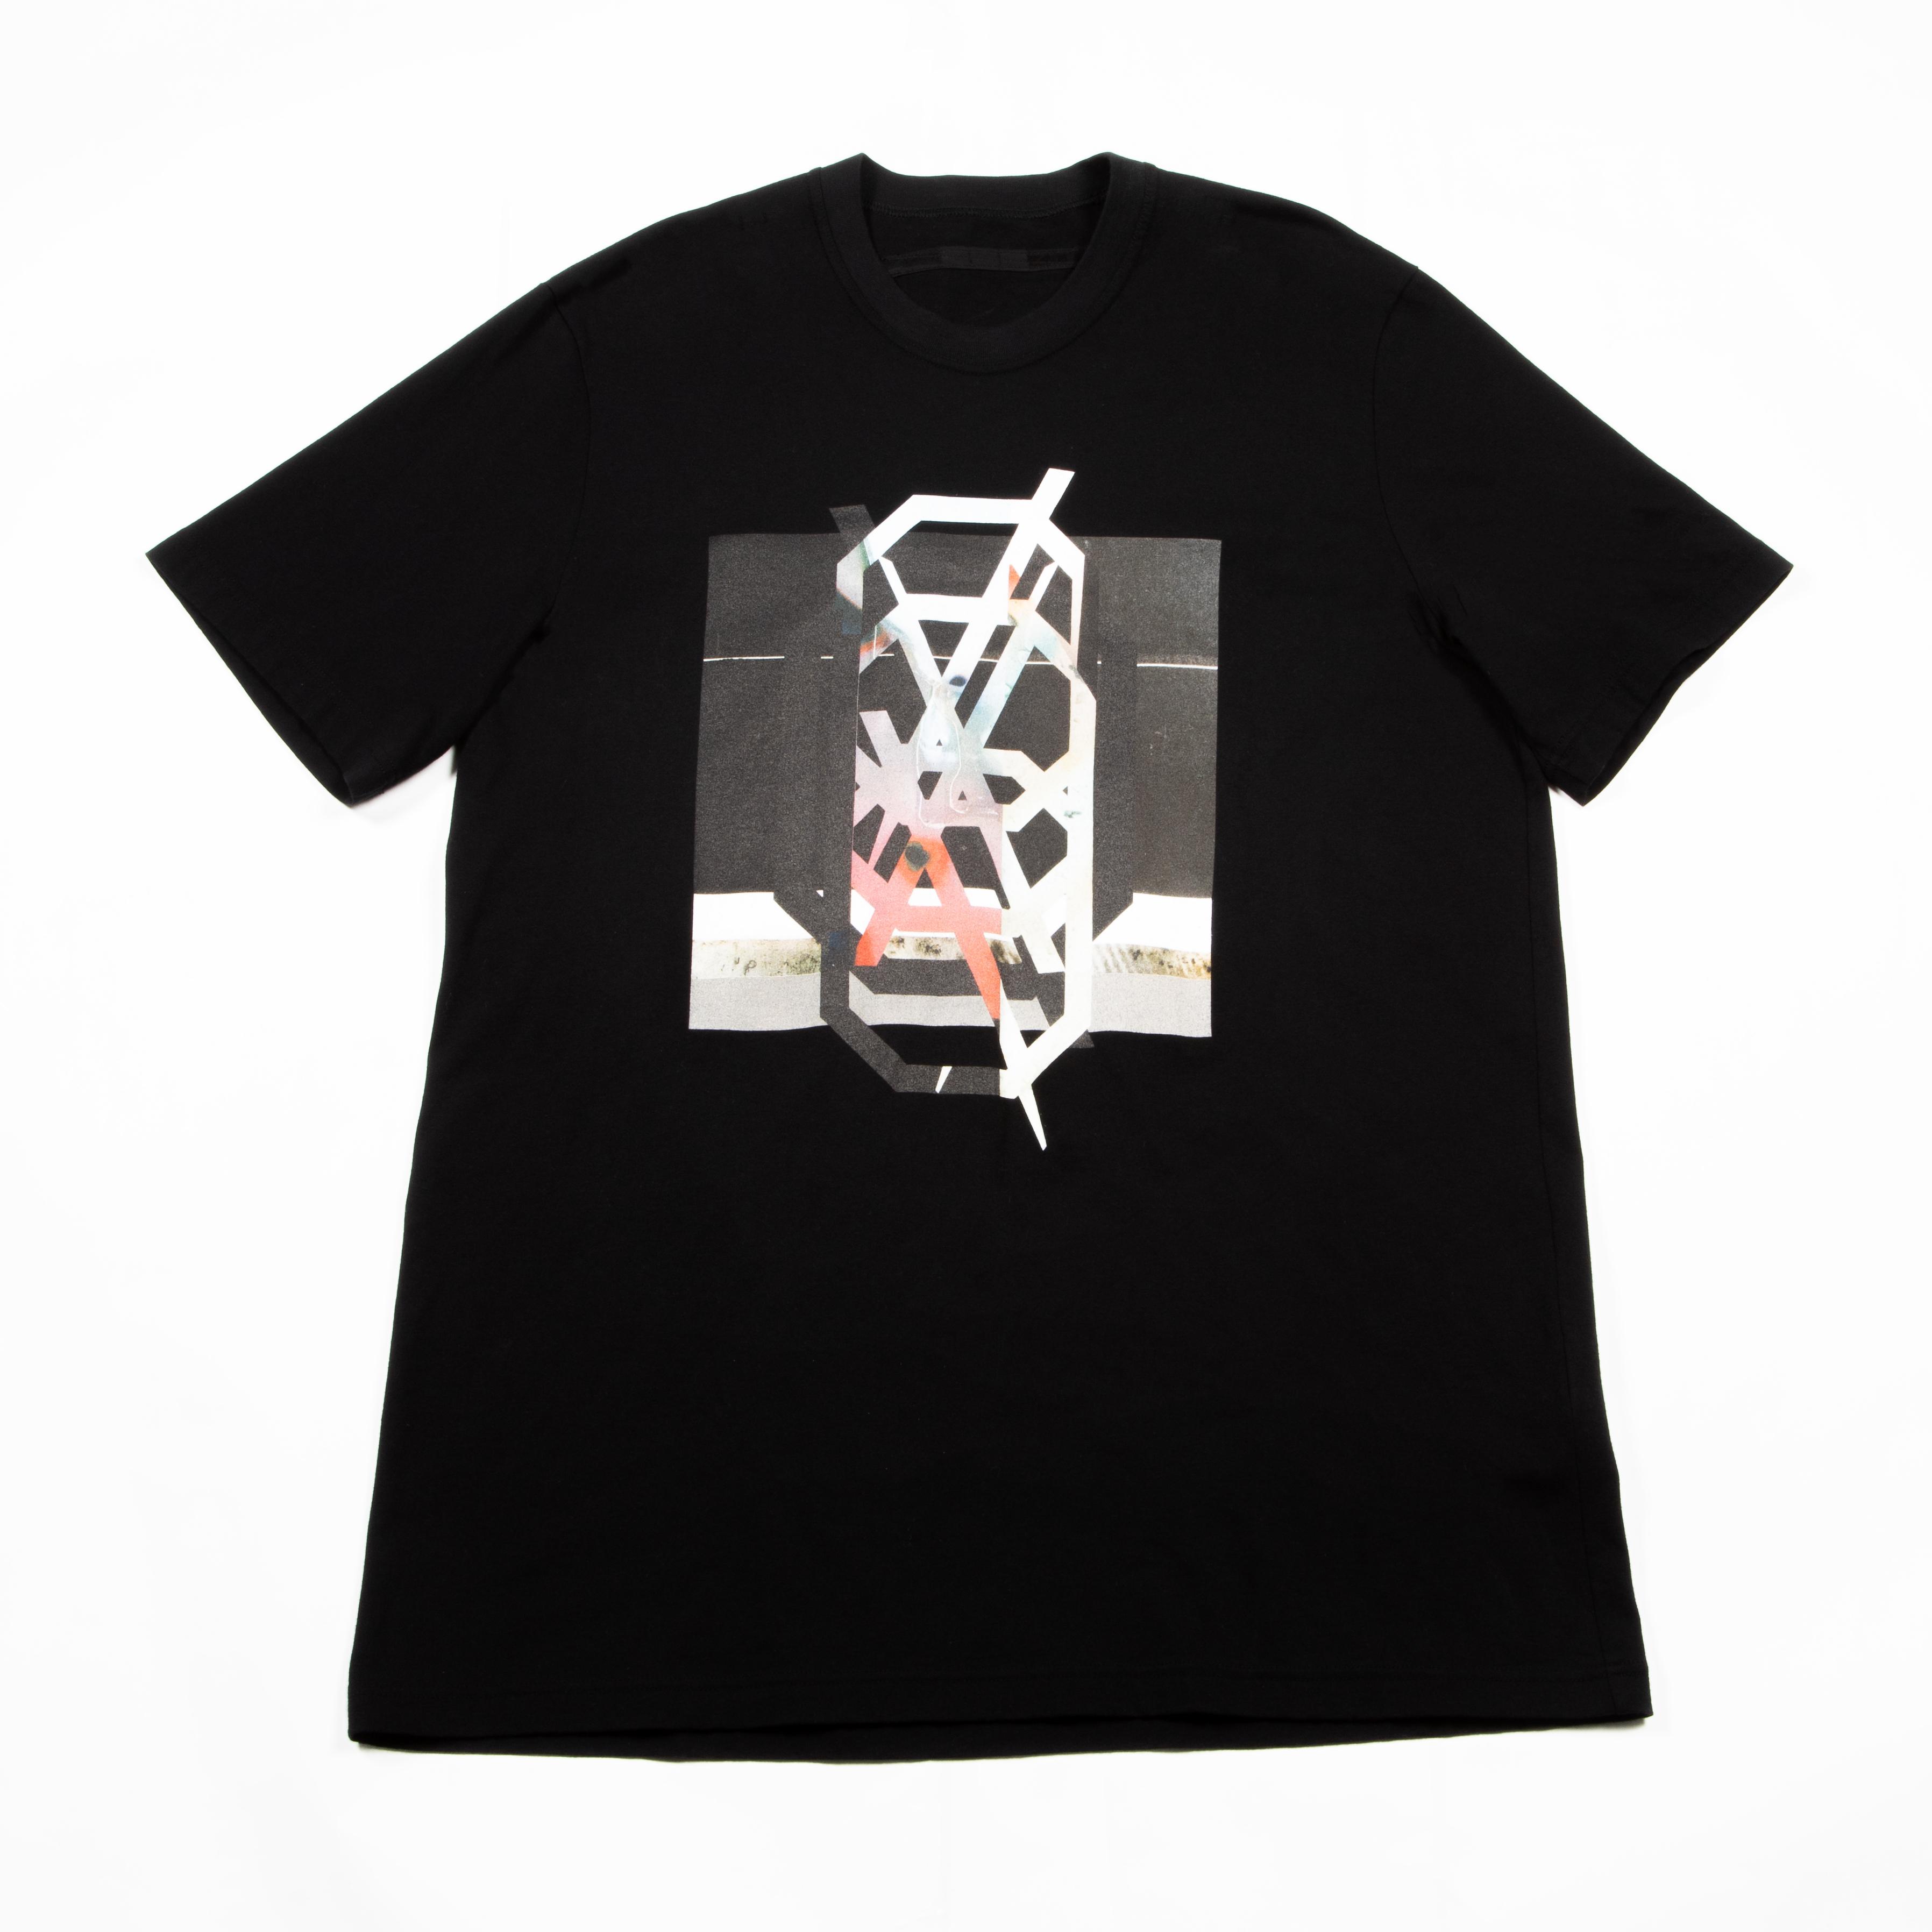 [ 2021 春夏 予約商品 ] 740CPM3-BLACK / NILøS プリント Tシャツ ver.3 / 1月入荷予定